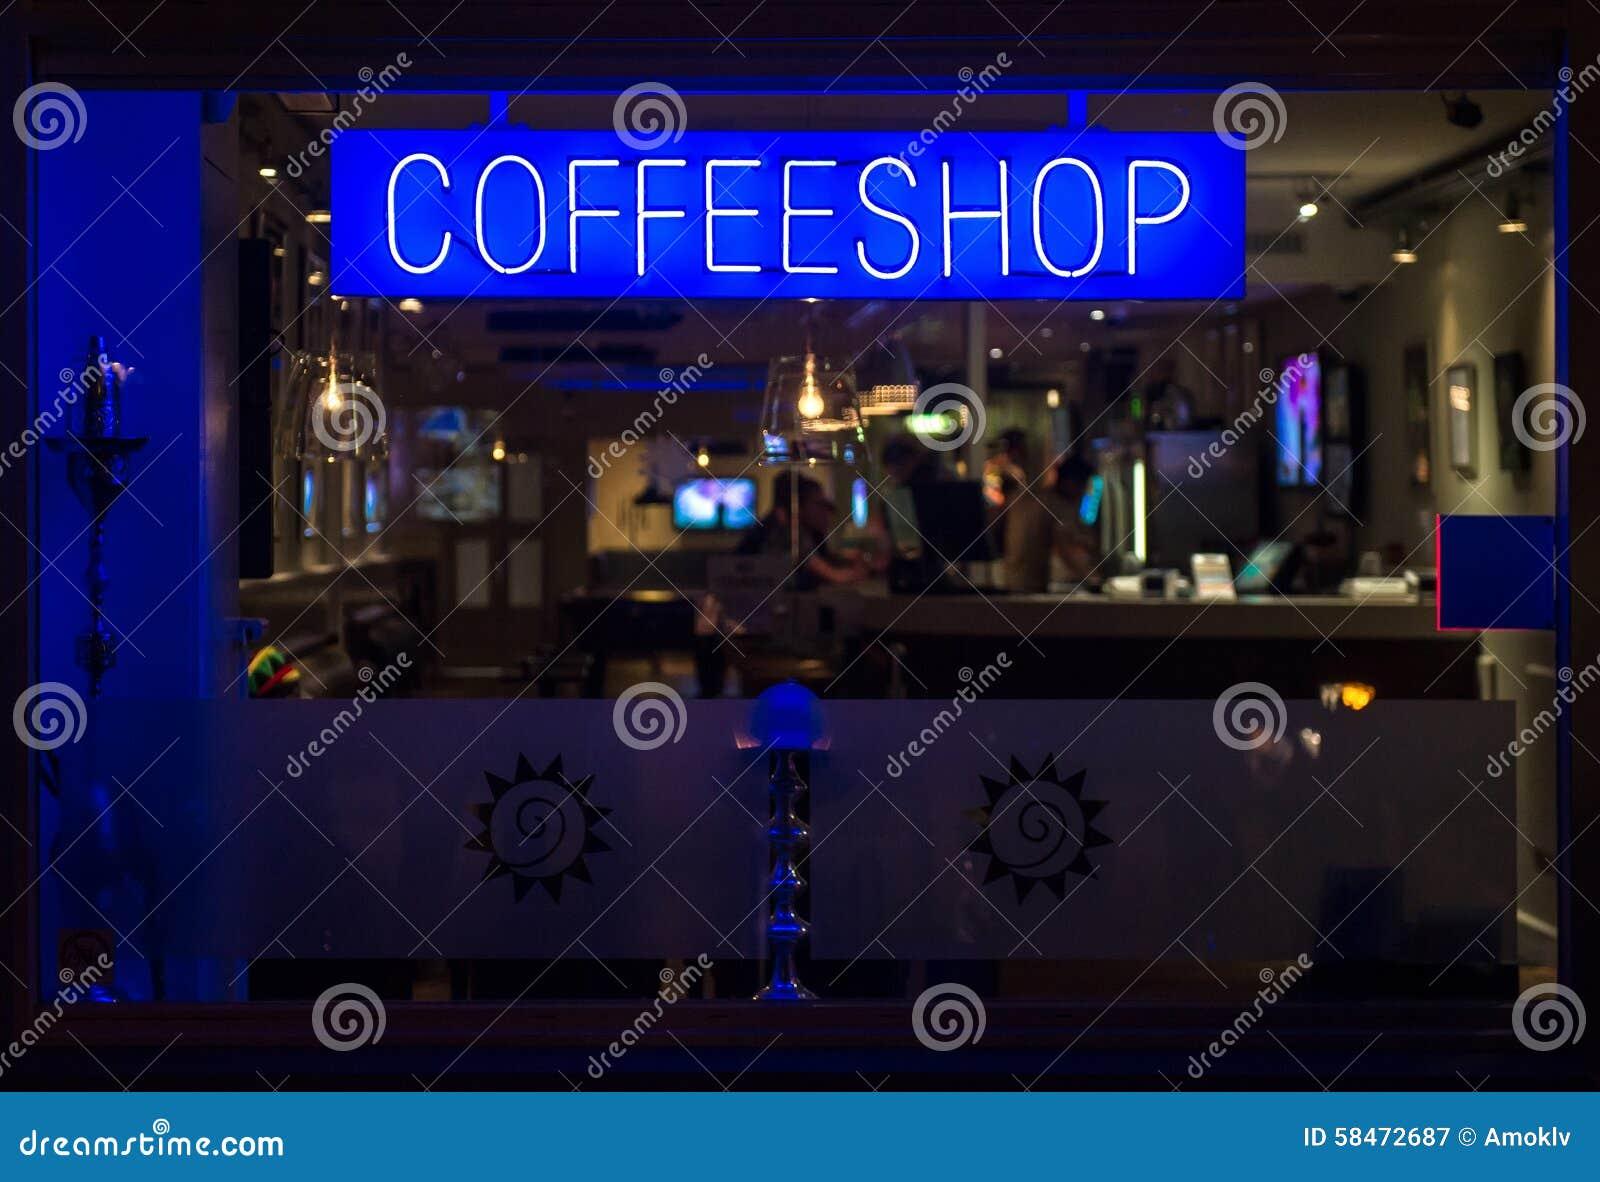 Quadro indicador de néon de Coffeeshop na noite